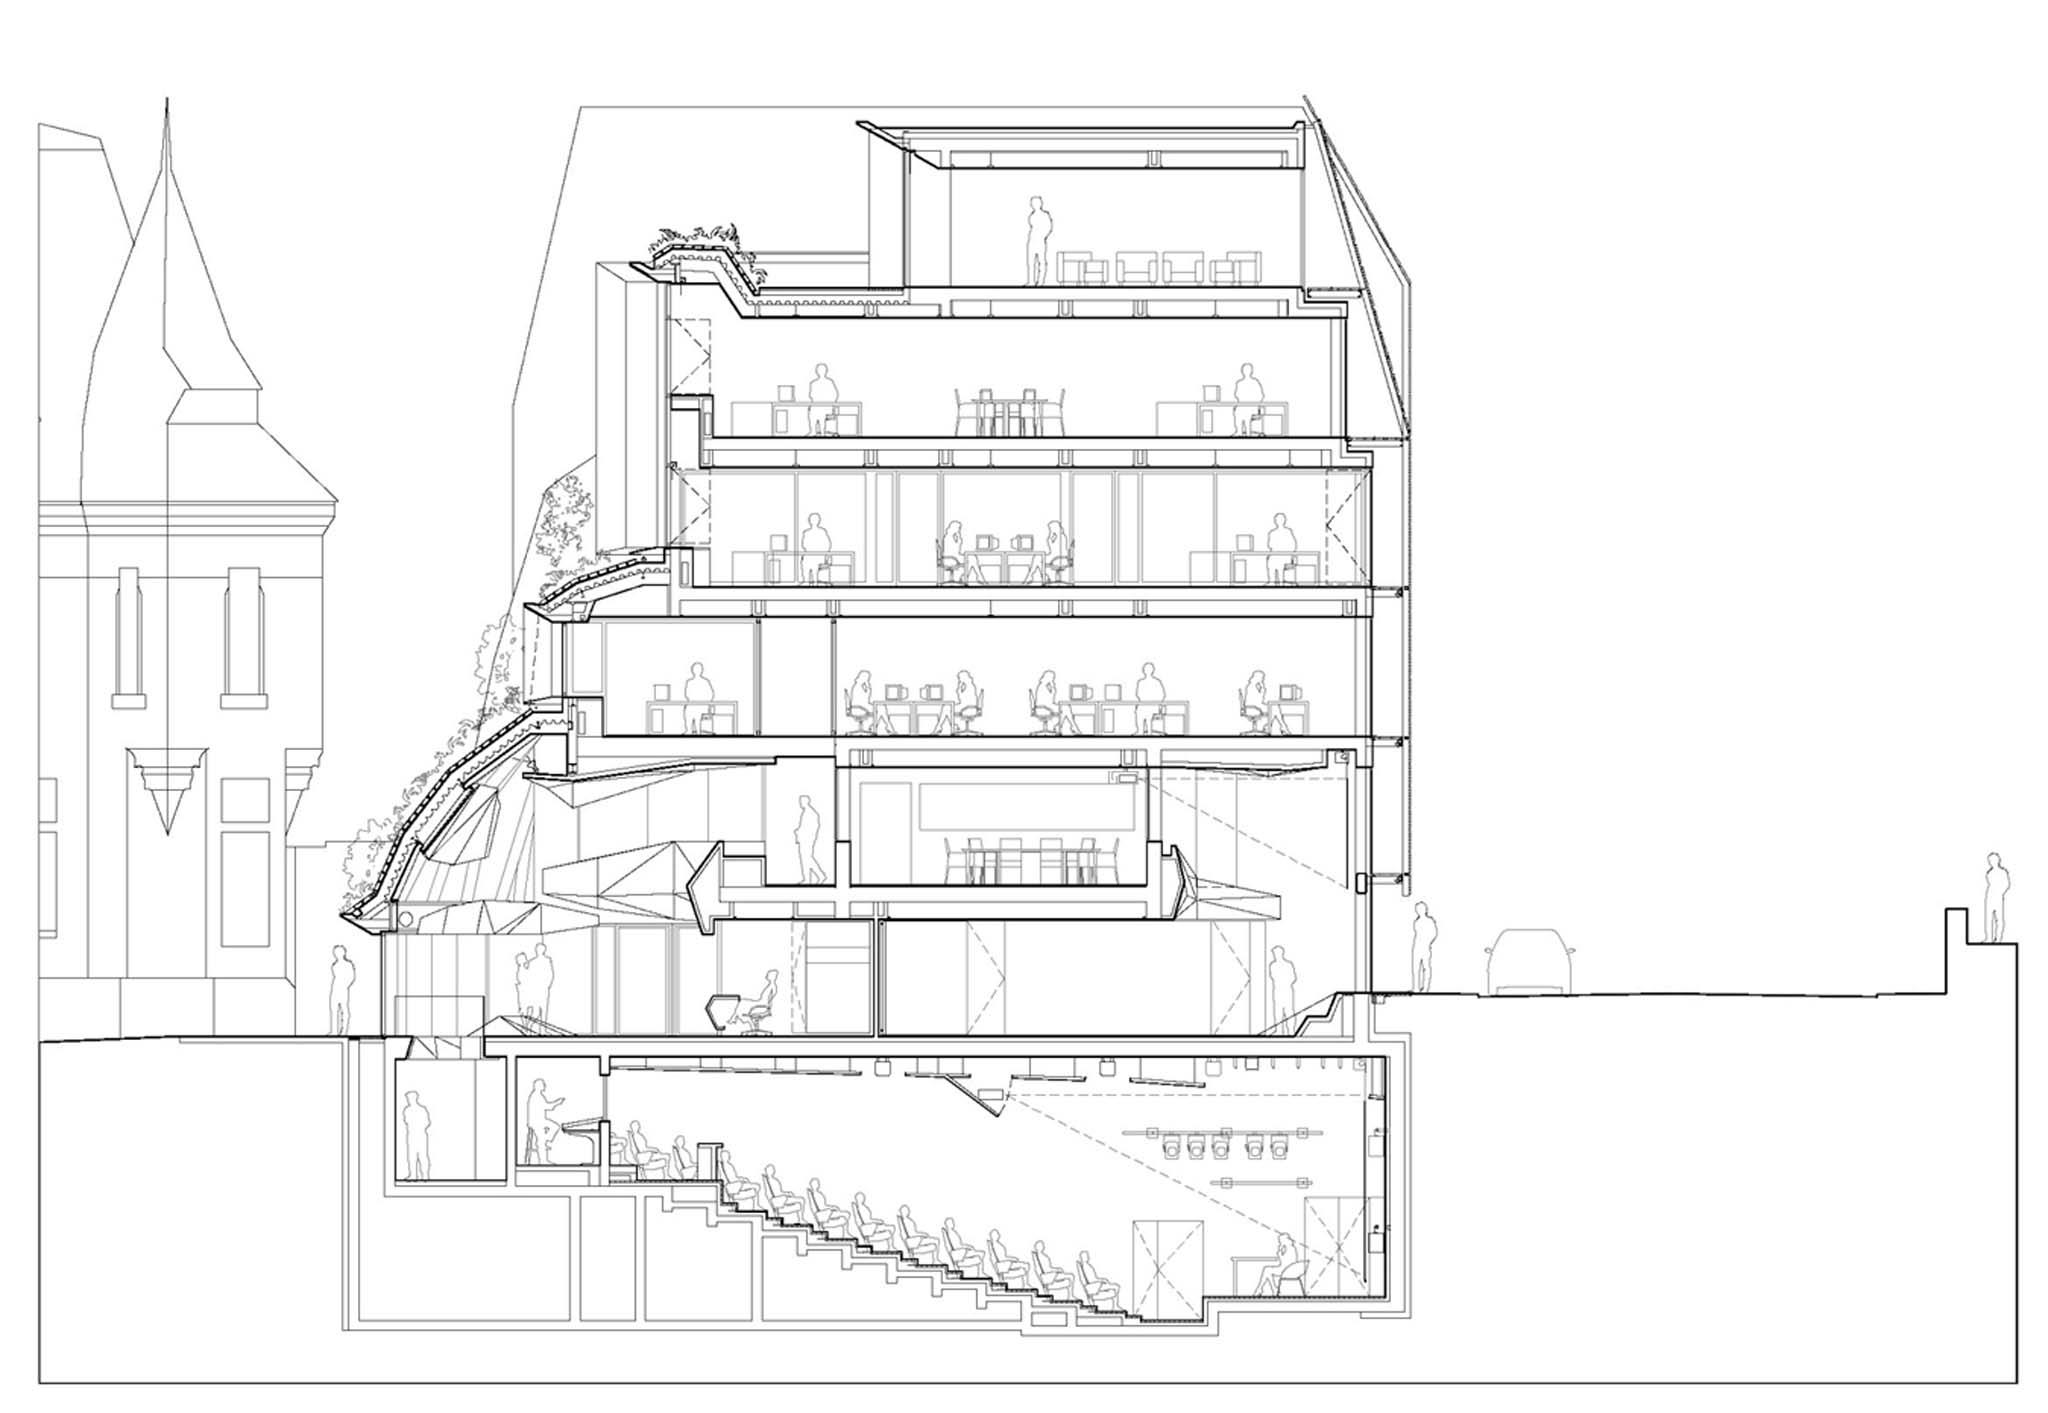 coupe transversale bureaux et auditorium chambre r gionale de commerce et d industrie. Black Bedroom Furniture Sets. Home Design Ideas